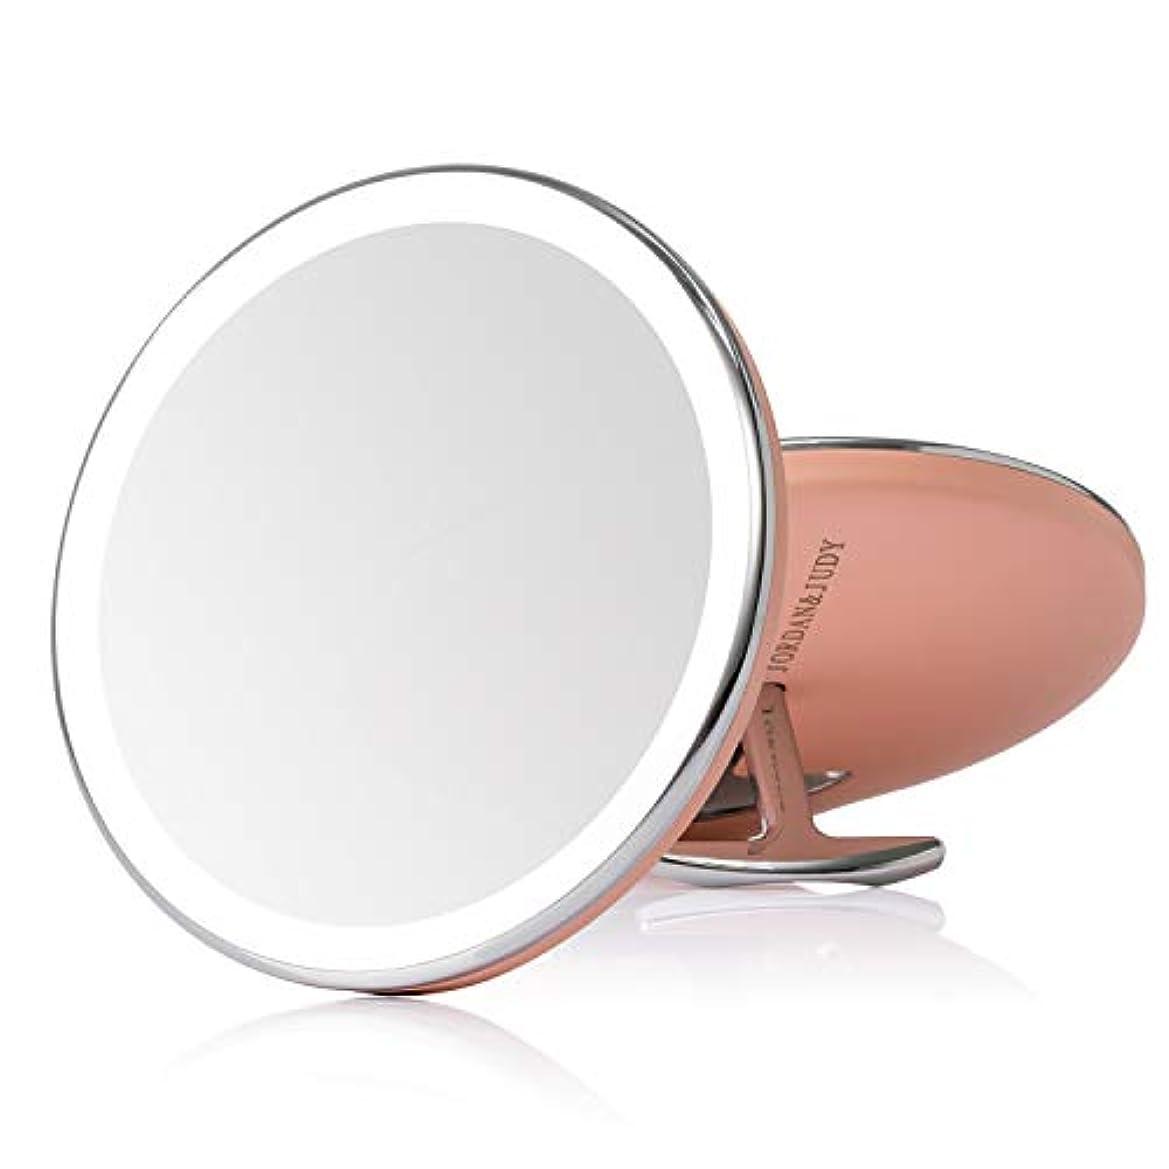 移植キャンディー時間とともに化粧鏡 女優ミラー led ミラー led付き USB充電式 明るさ調節可能 持ち運び 外出 旅行用 通勤用 便利 携带ミラー プレゼント